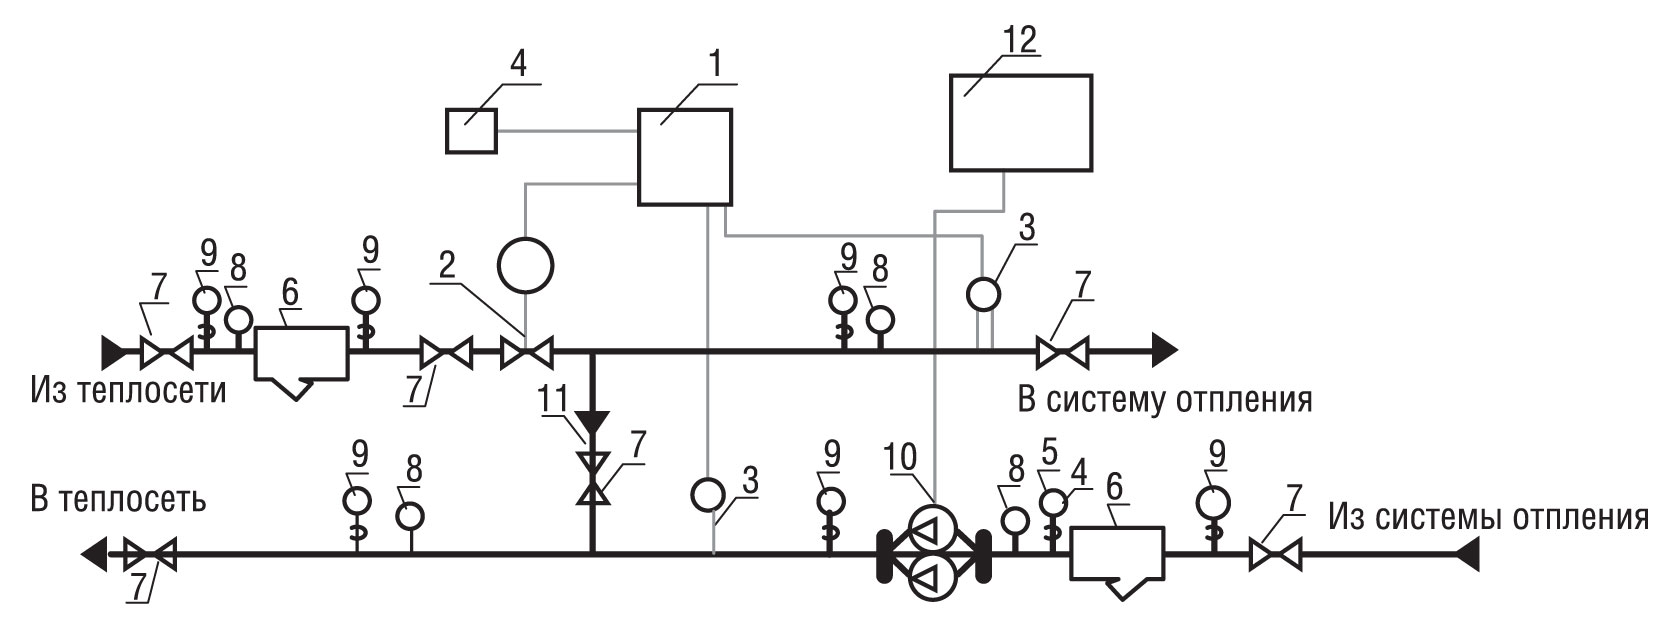 схема установки водопровода, обратный клапан